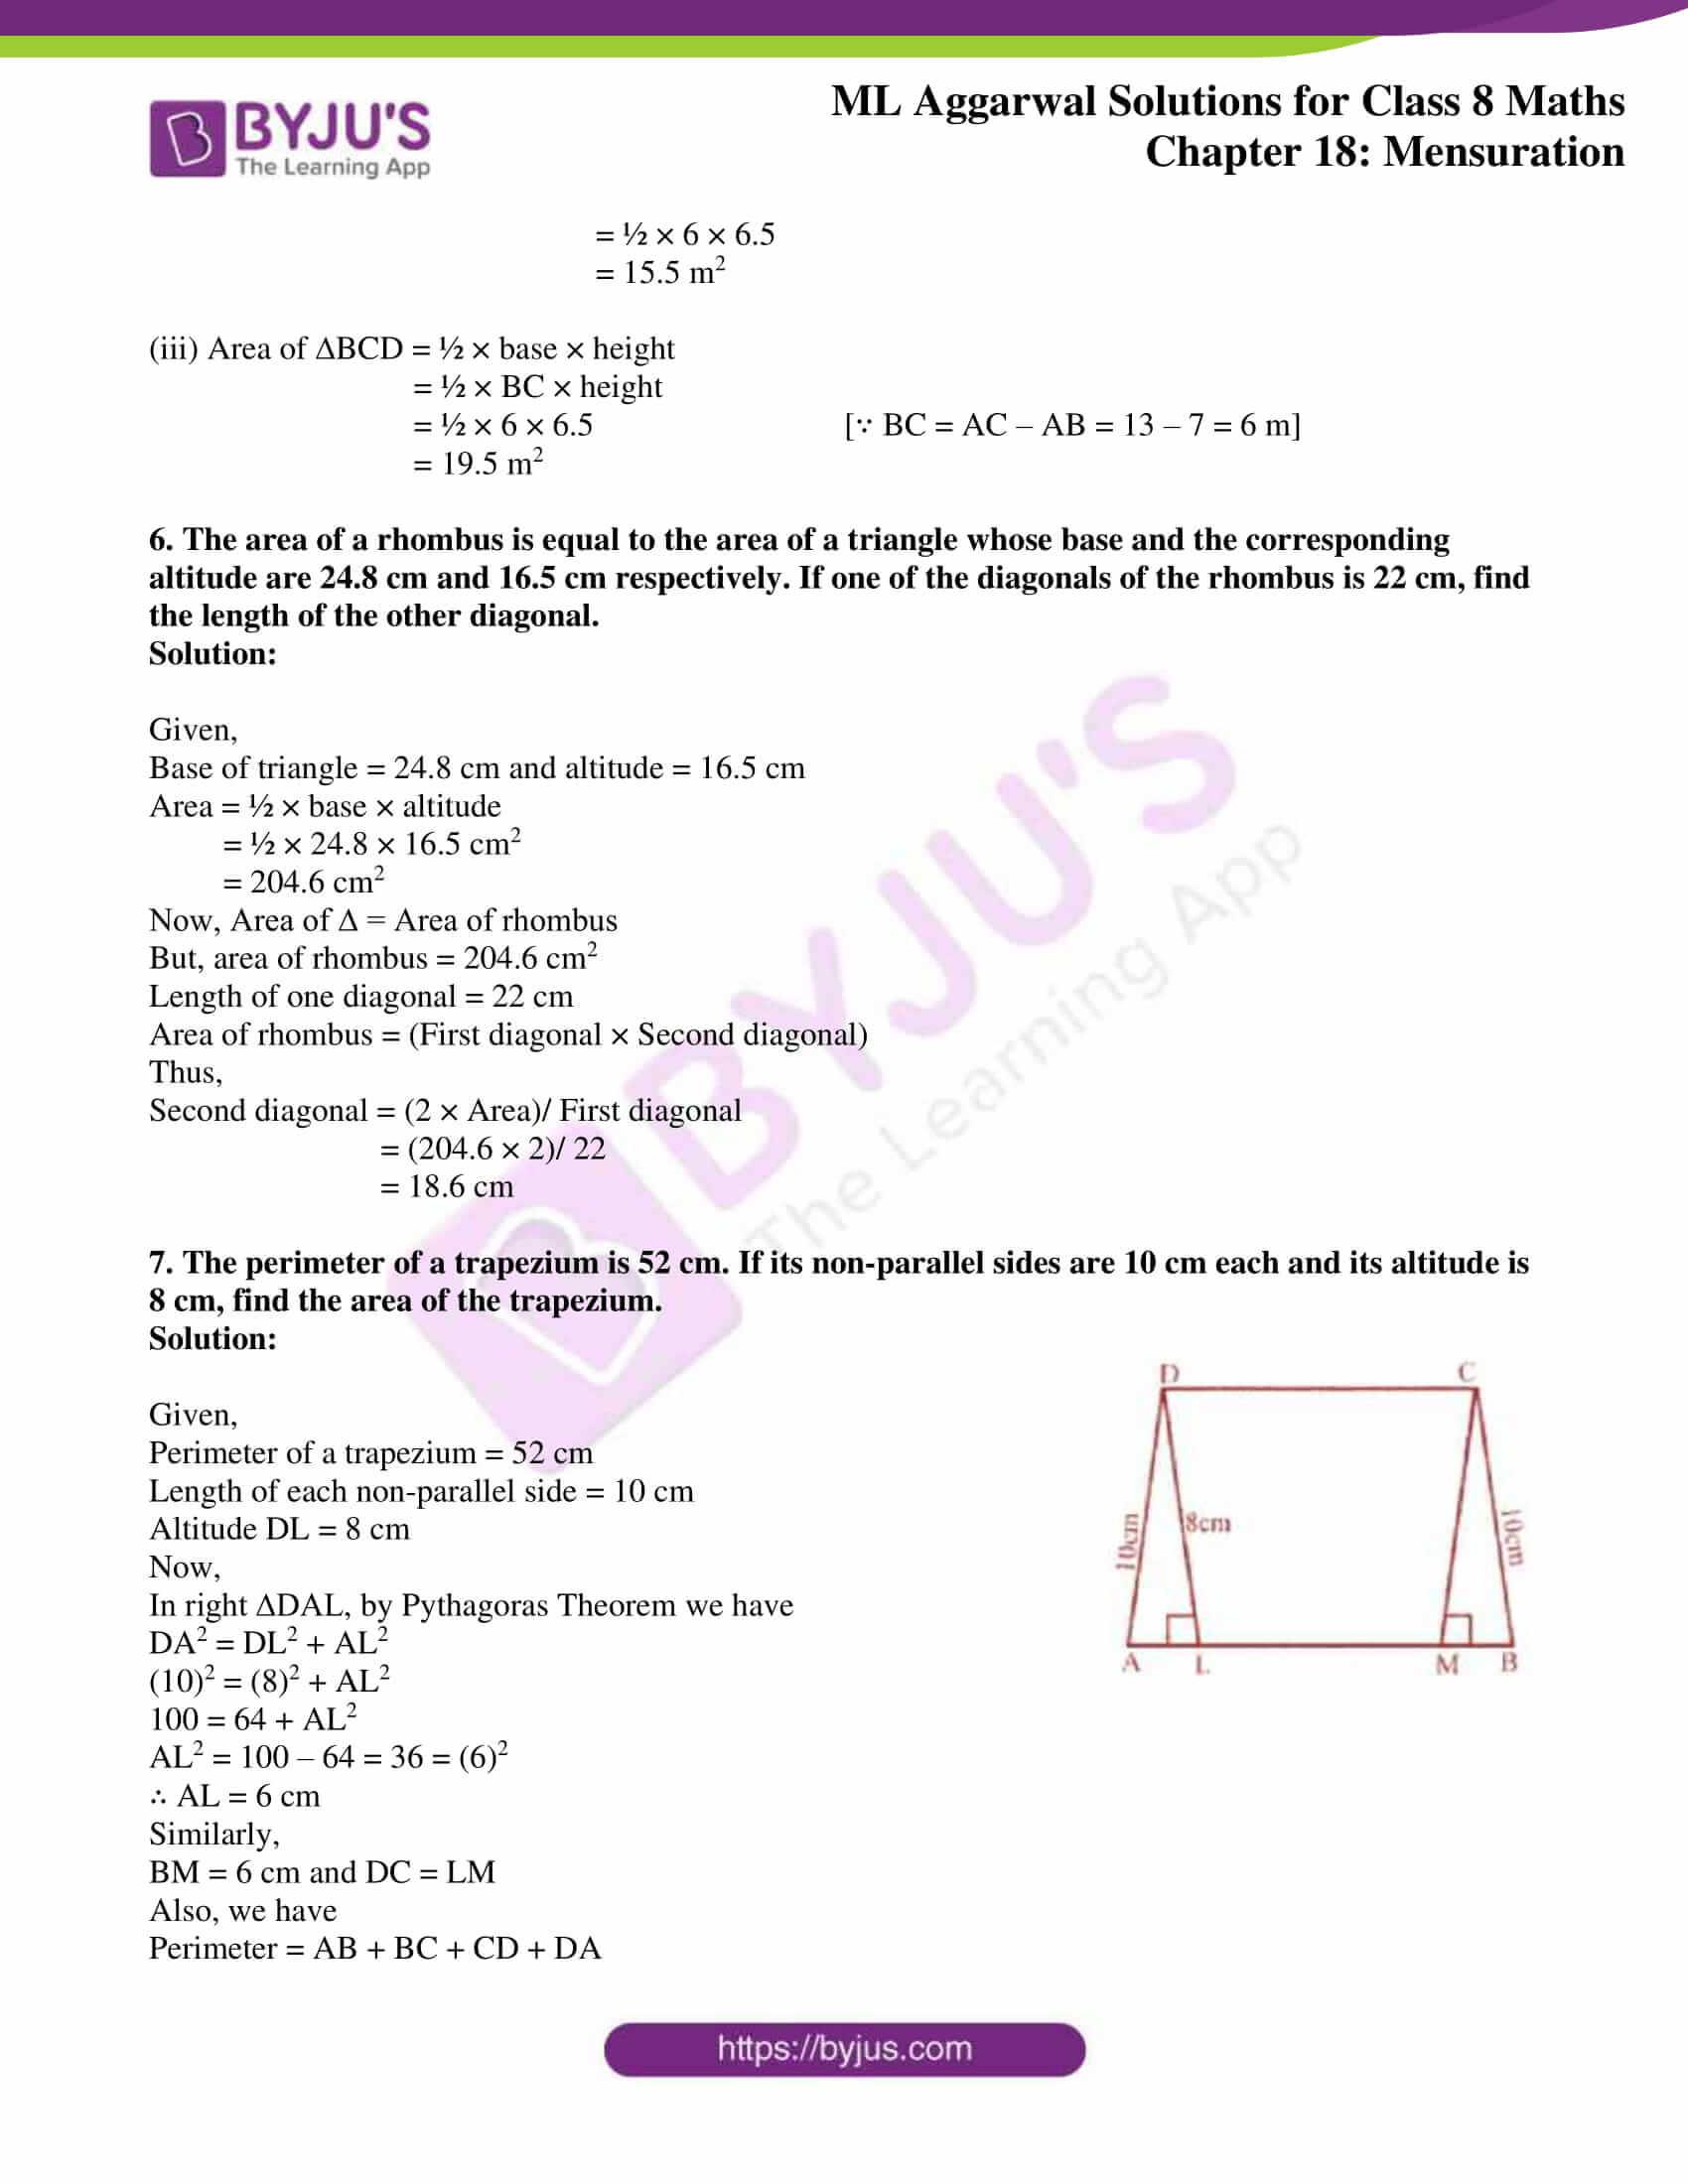 ml aggarwal sol mathematics class 8 ch 18 10